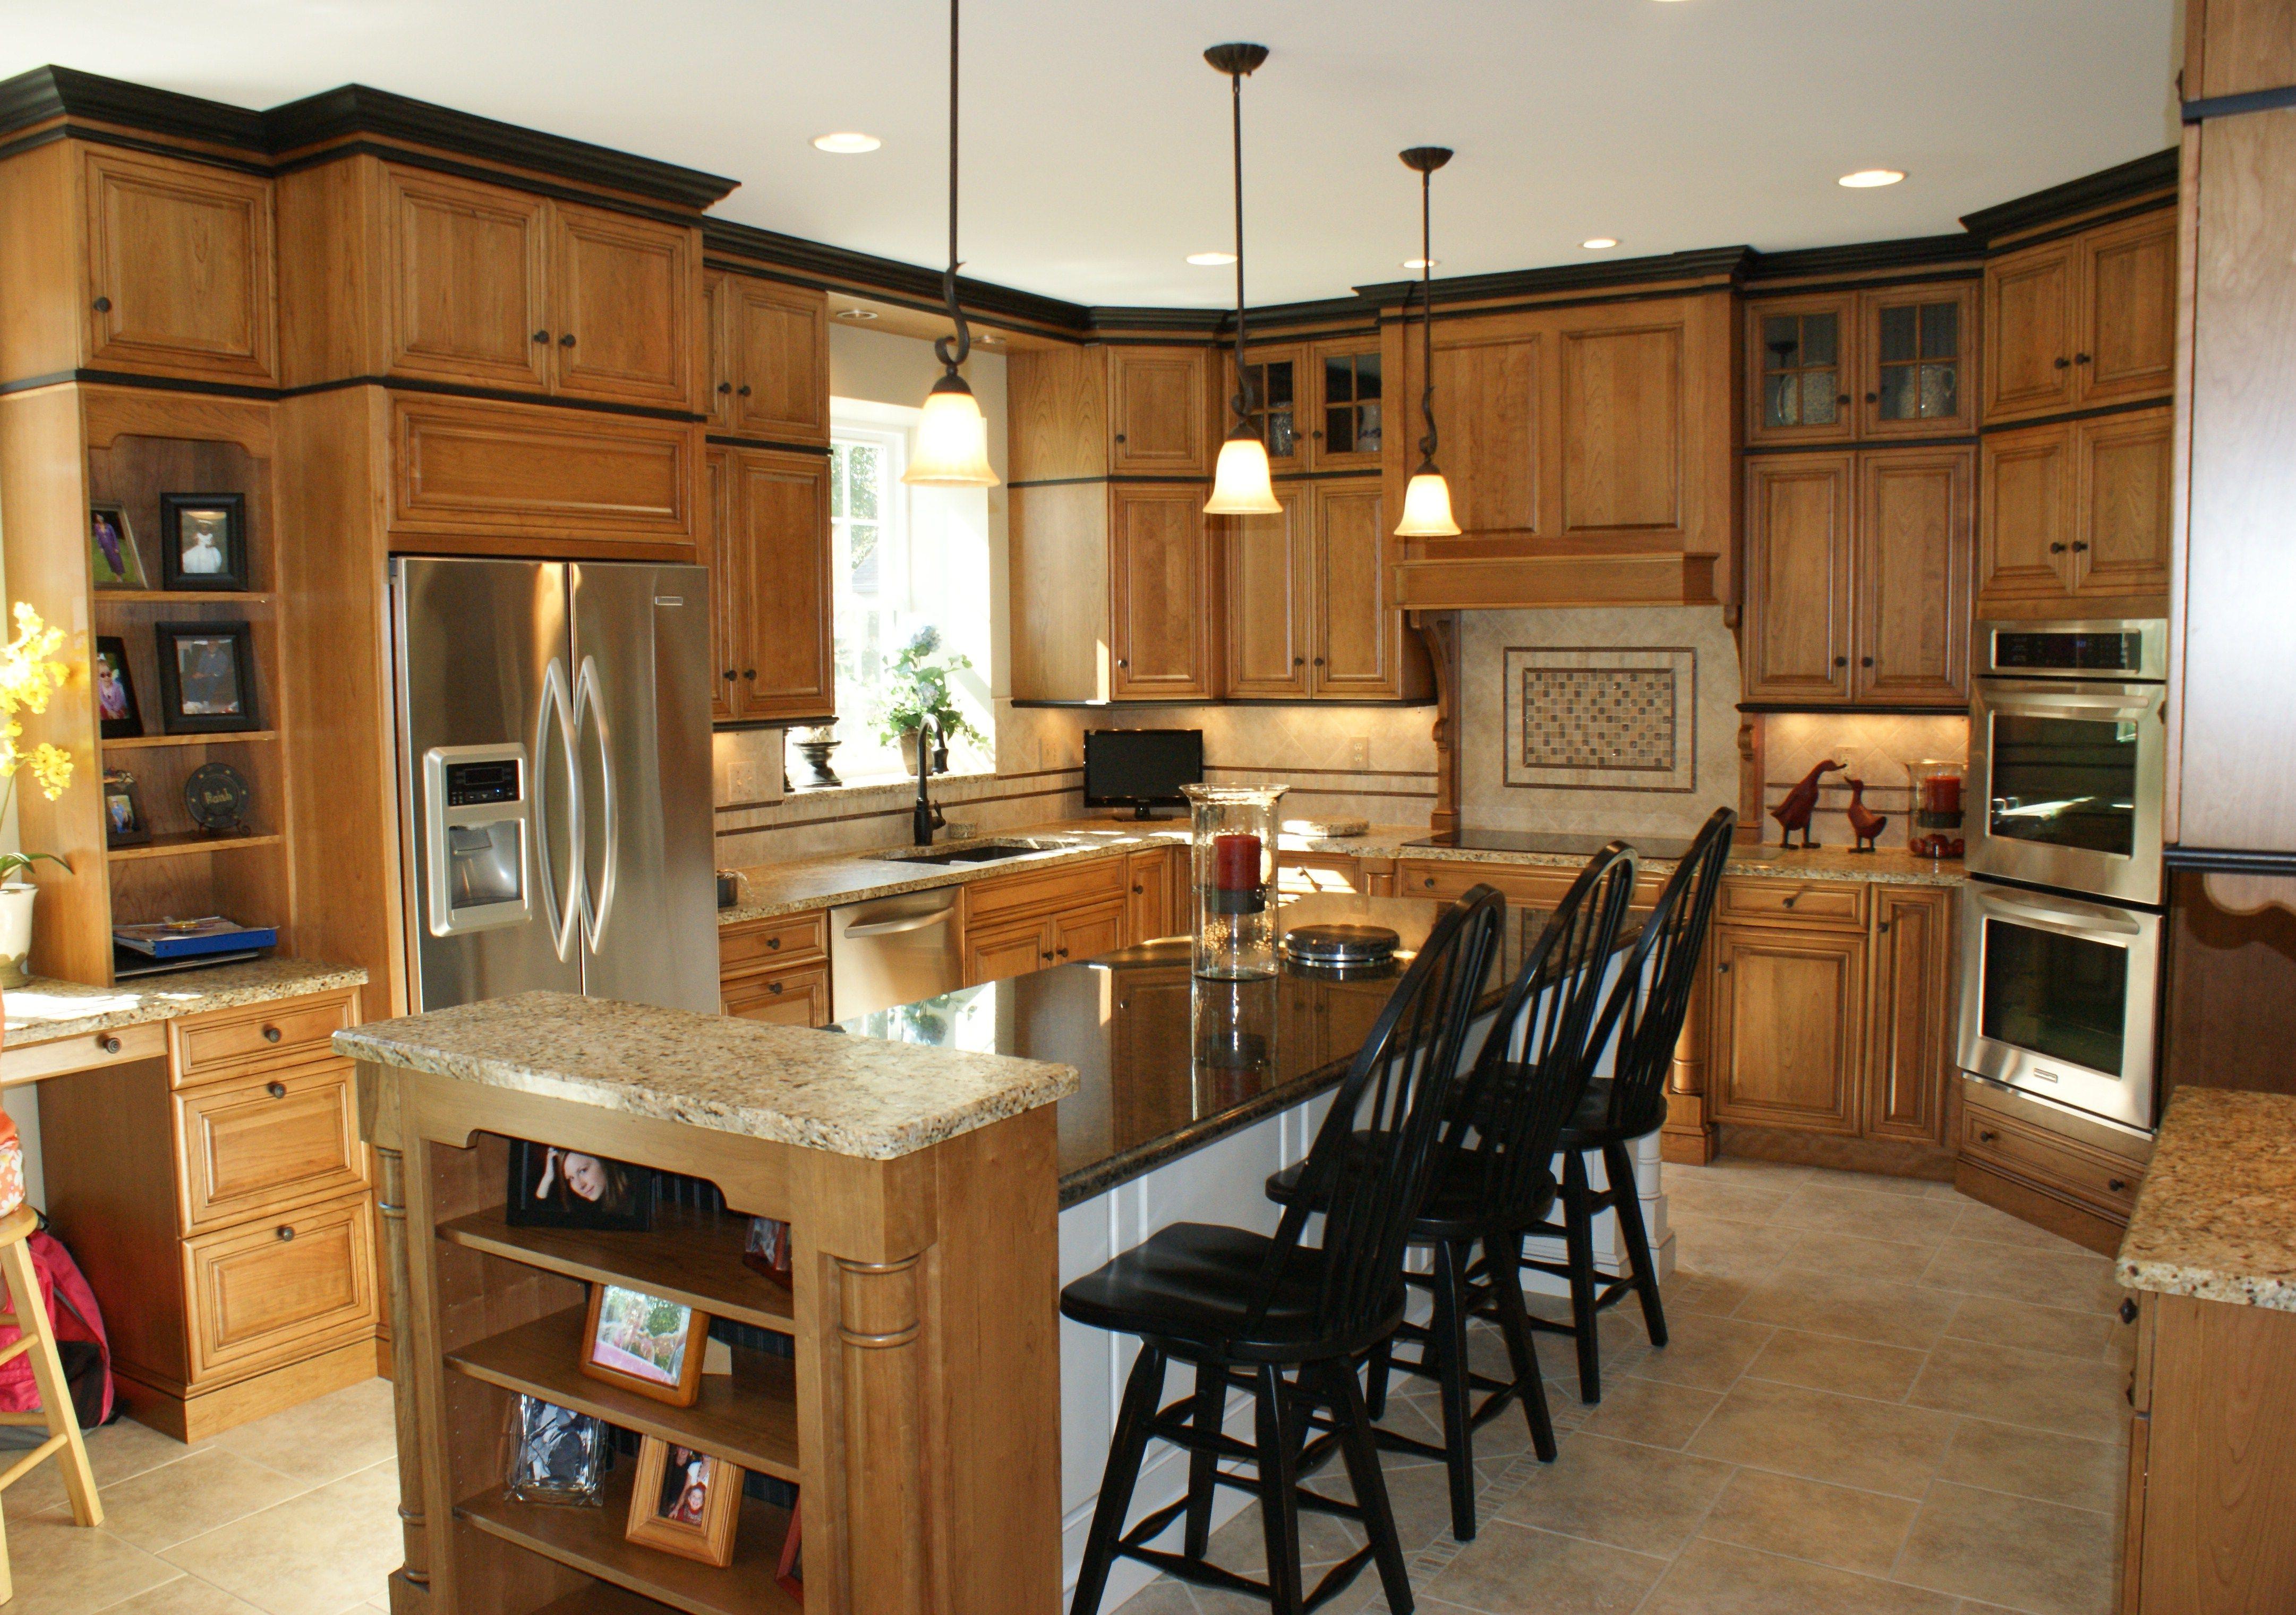 Brookhaven Pelham Manor Natural Cherry With Black Glaze Kitchen Cabinet Molding Kitchen Design Kitchen Redo